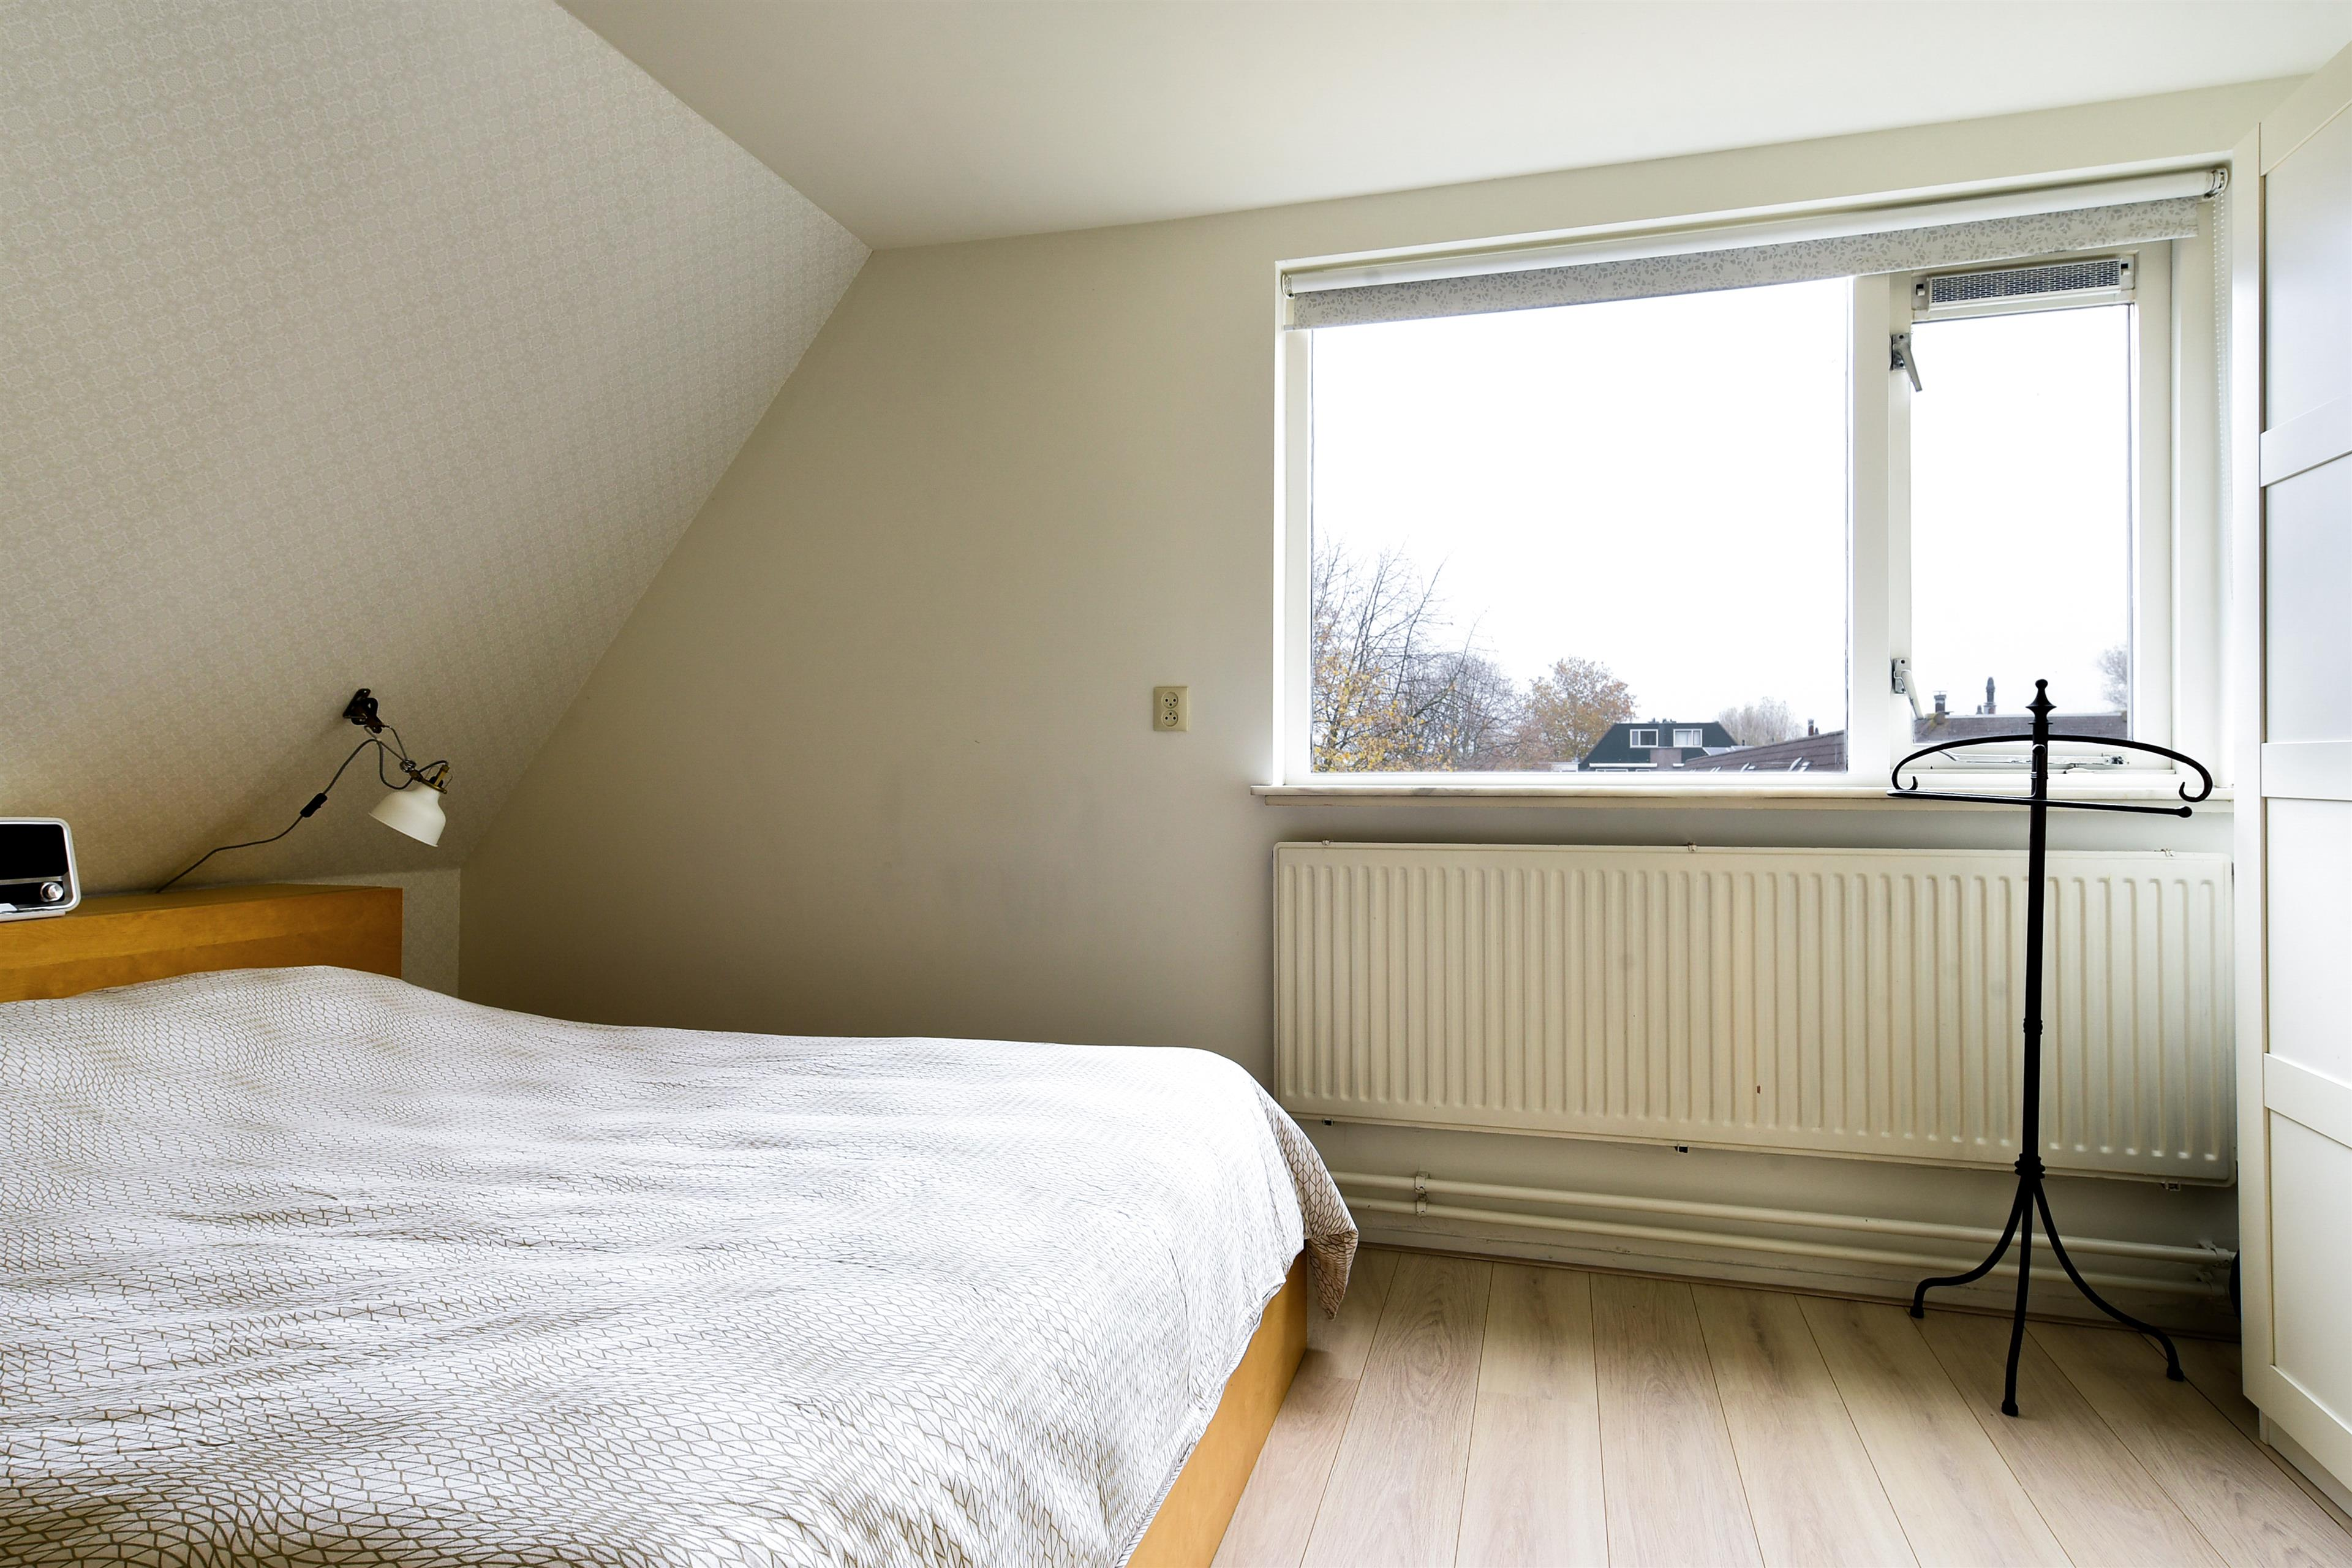 Zonwering Slaapkamer 19 : Te koop stoholm hoofddorp hoekstra en van eck